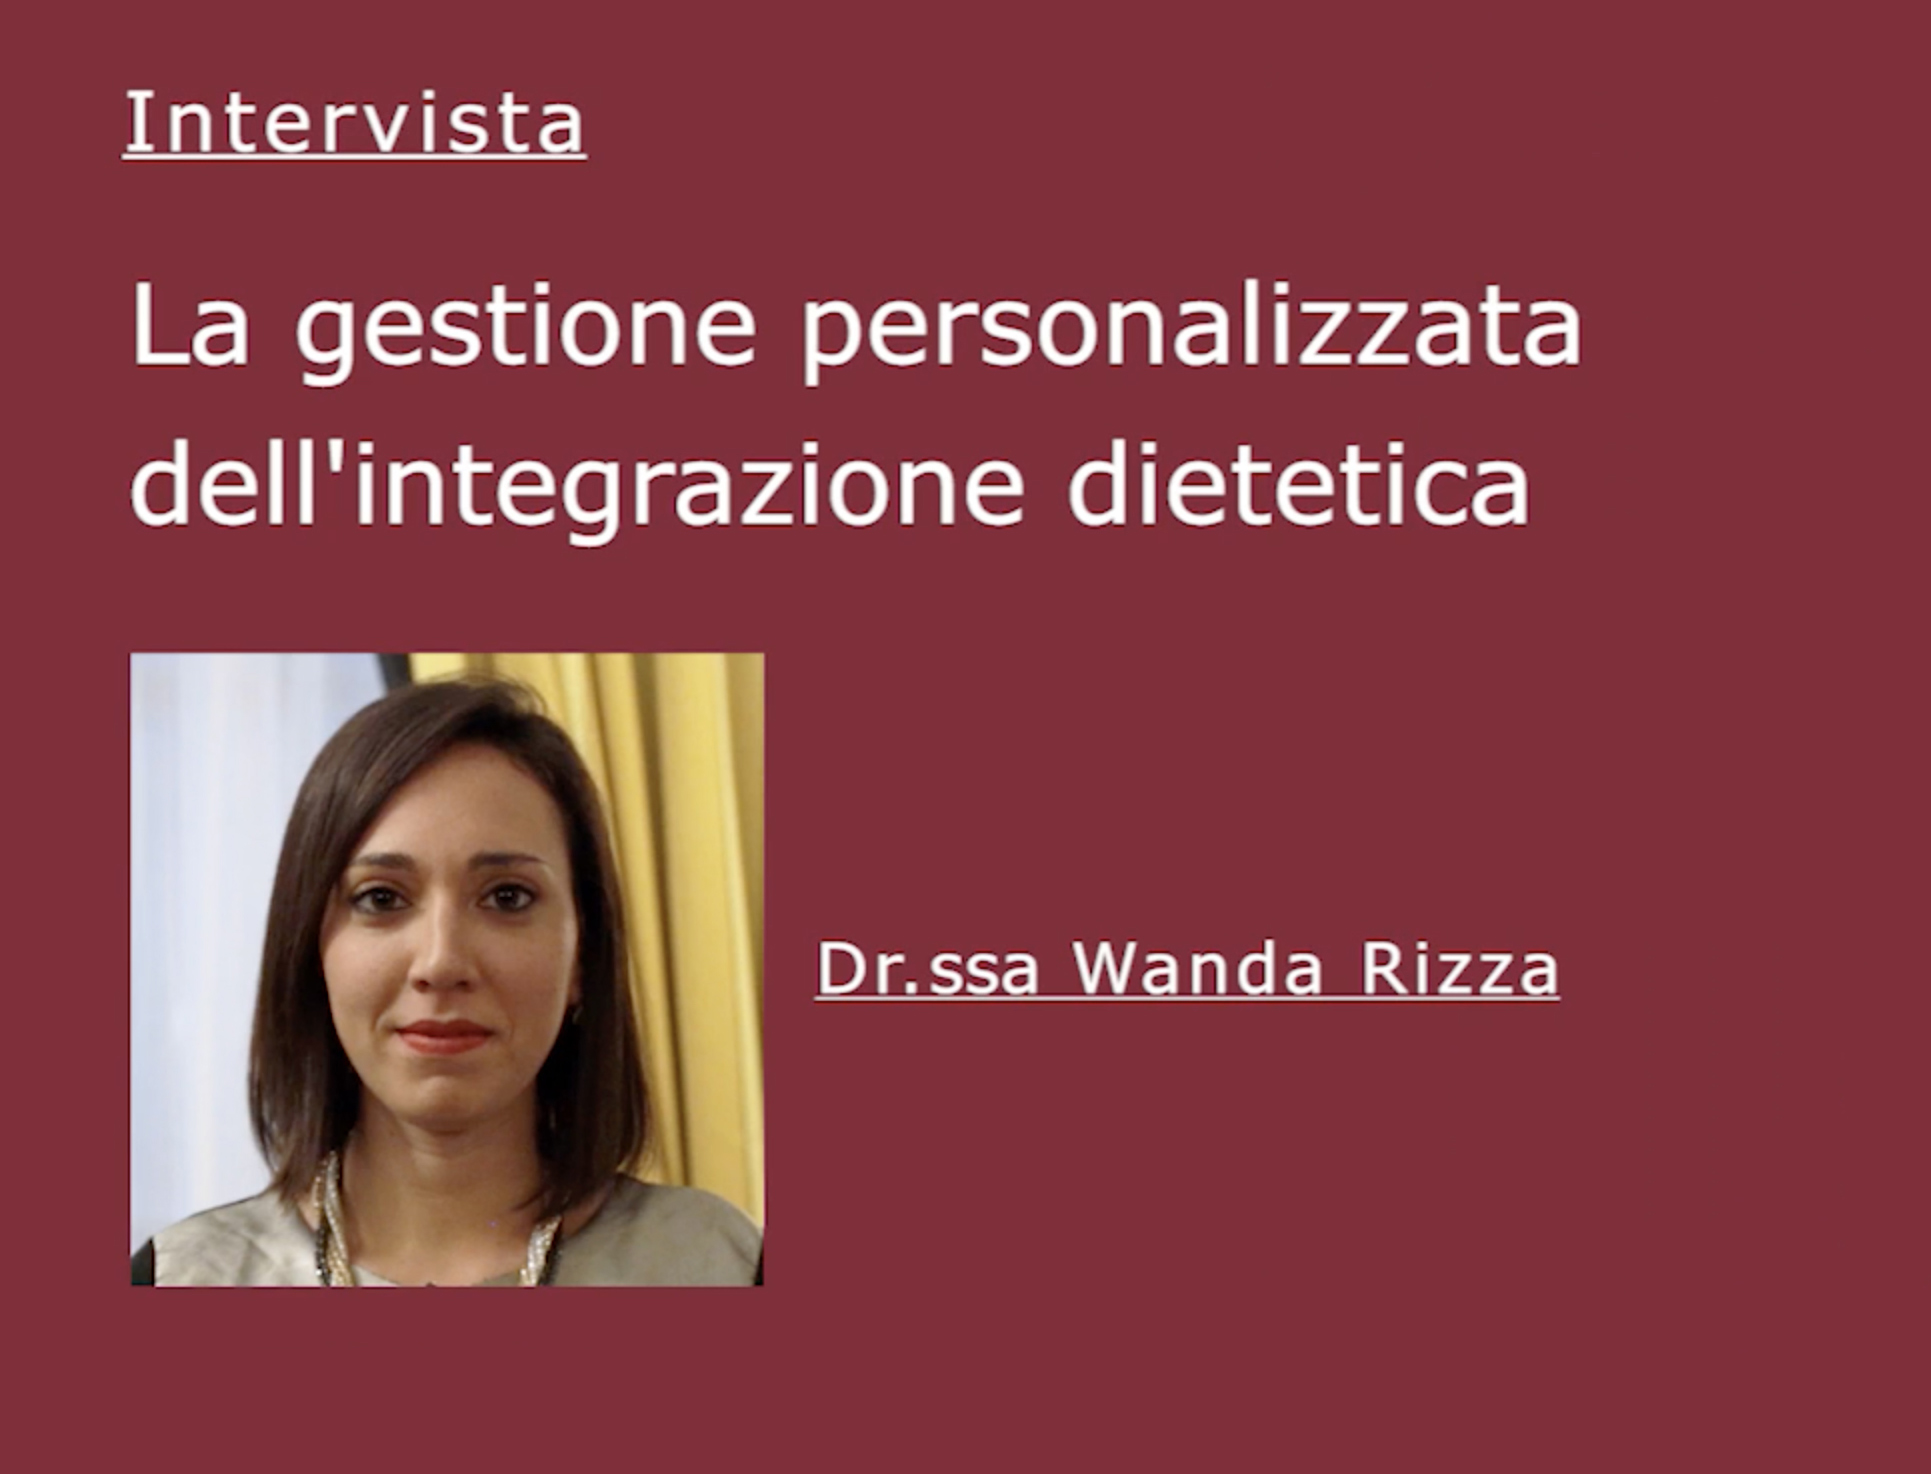 Dr.ssa Wanda Rizza1